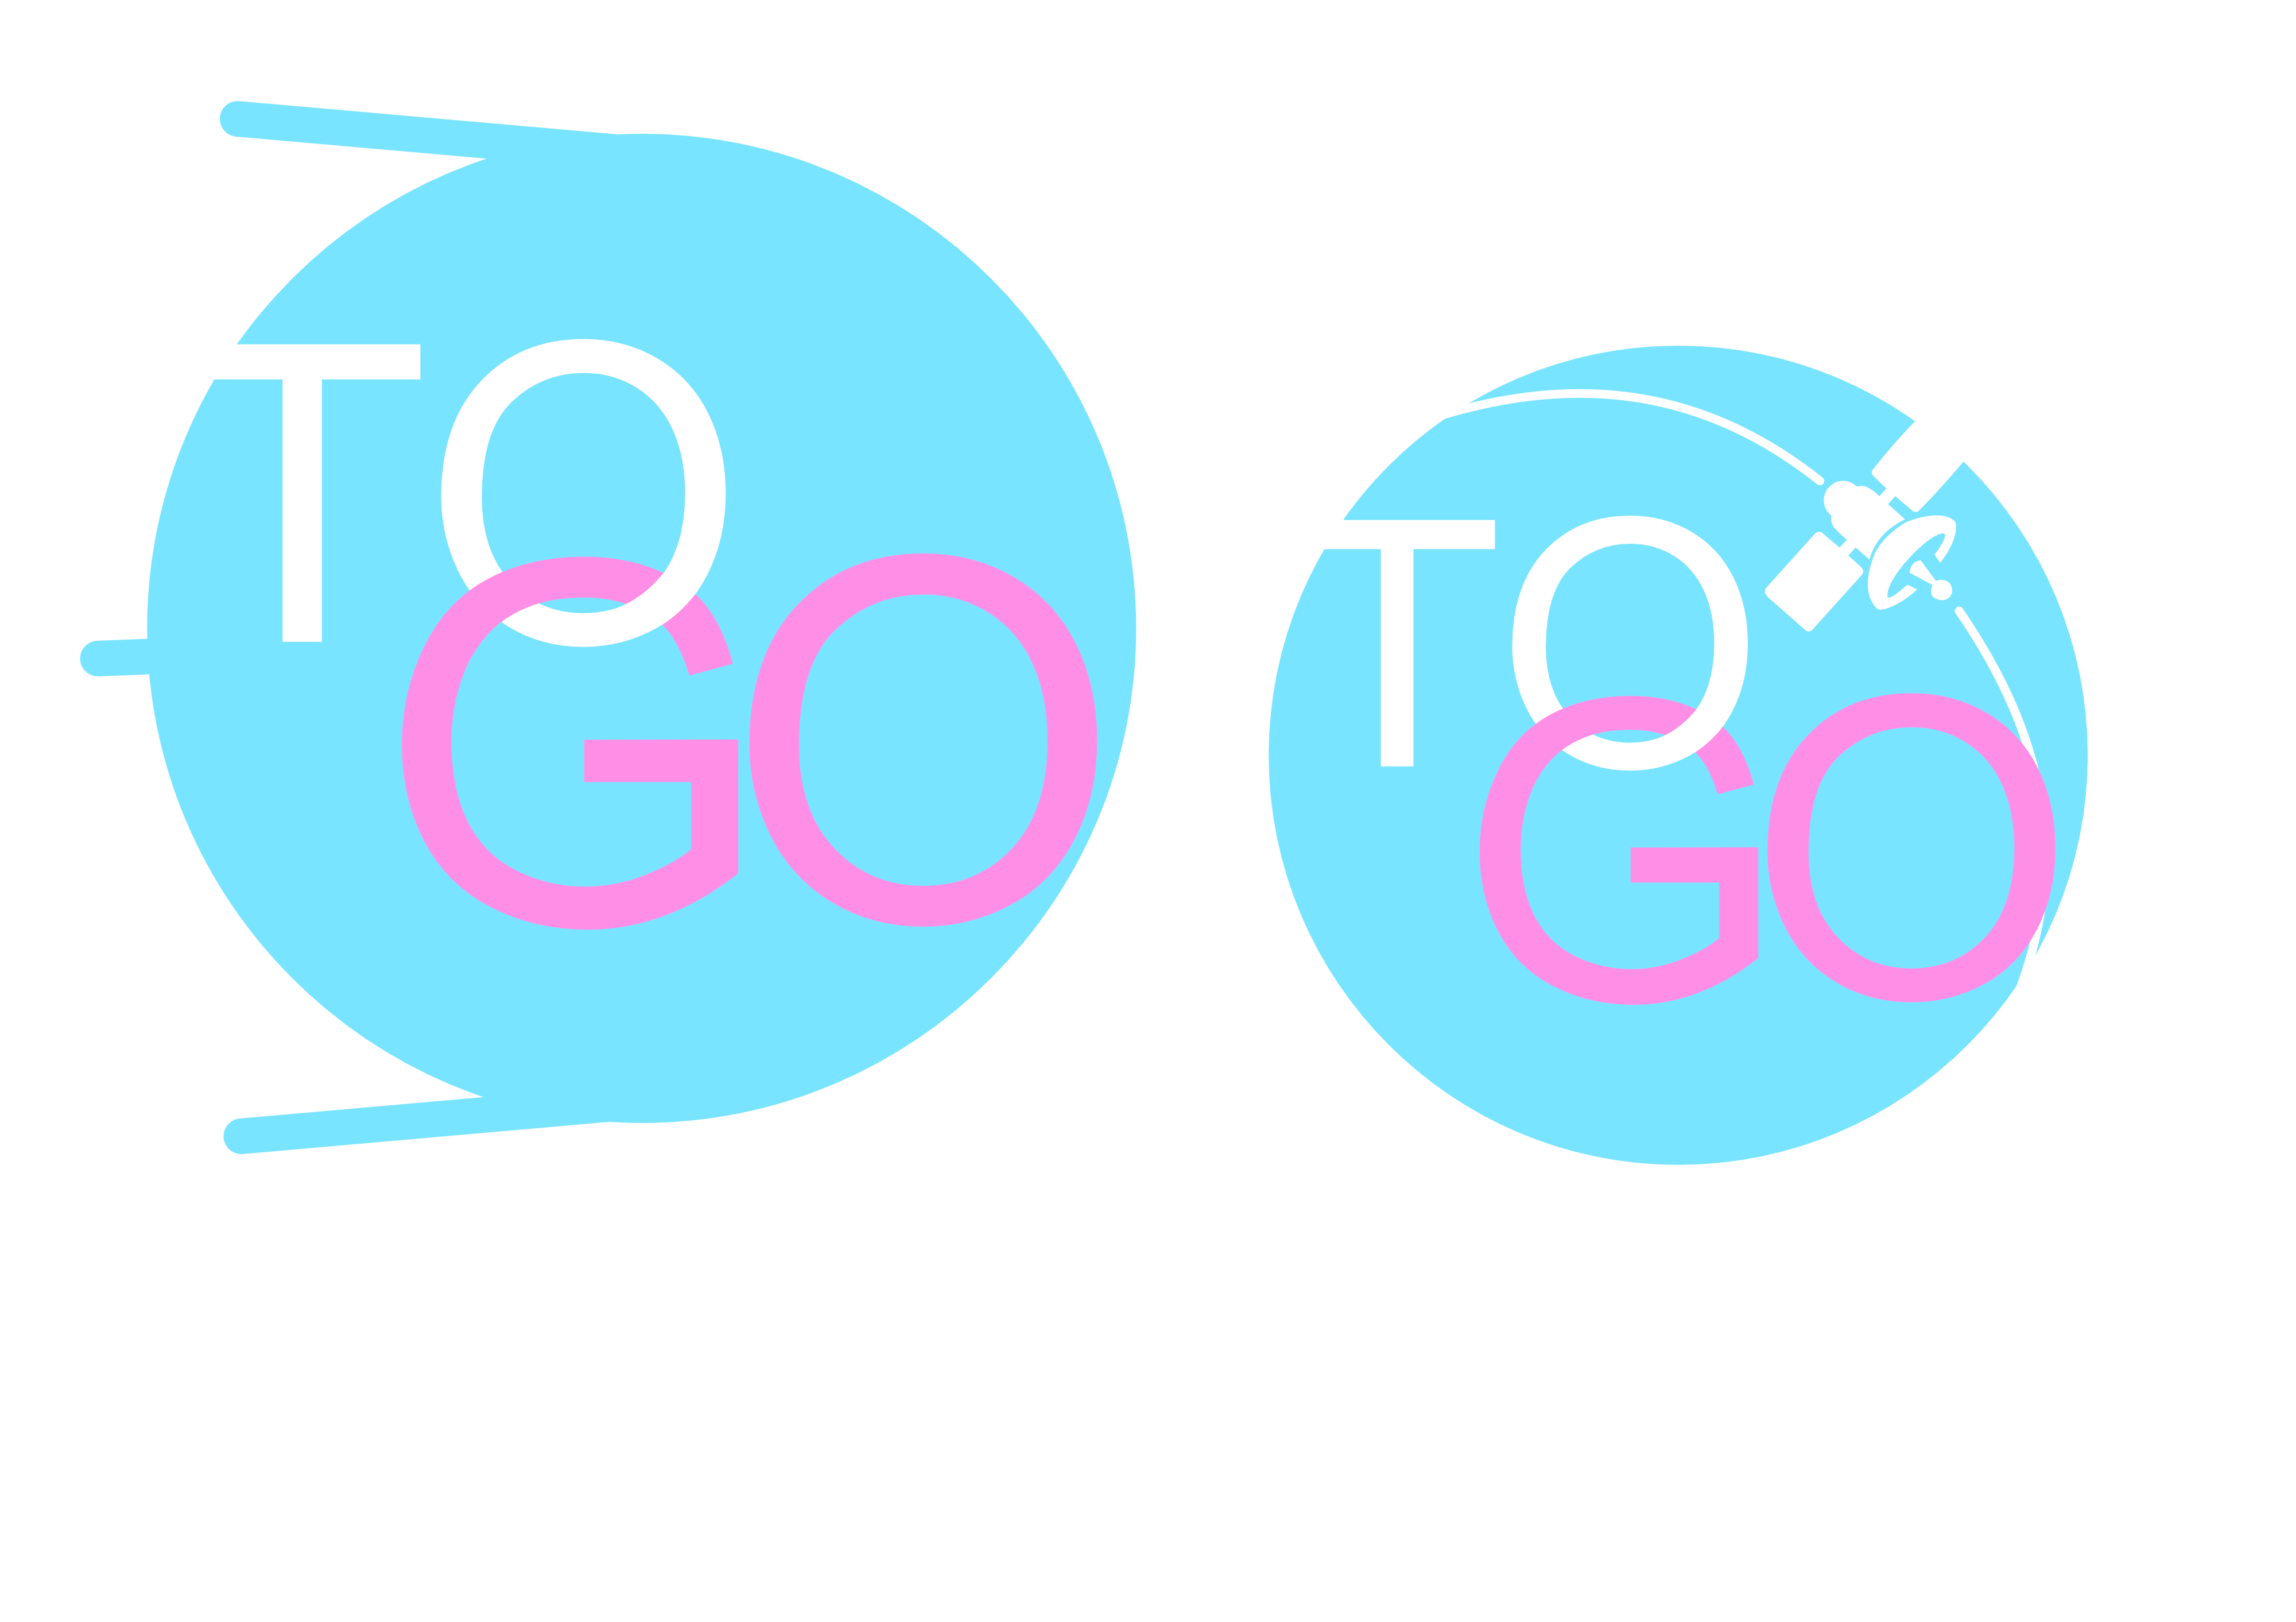 Разработать логотип и экран загрузки приложения фото f_4855a9bf146595fc.png